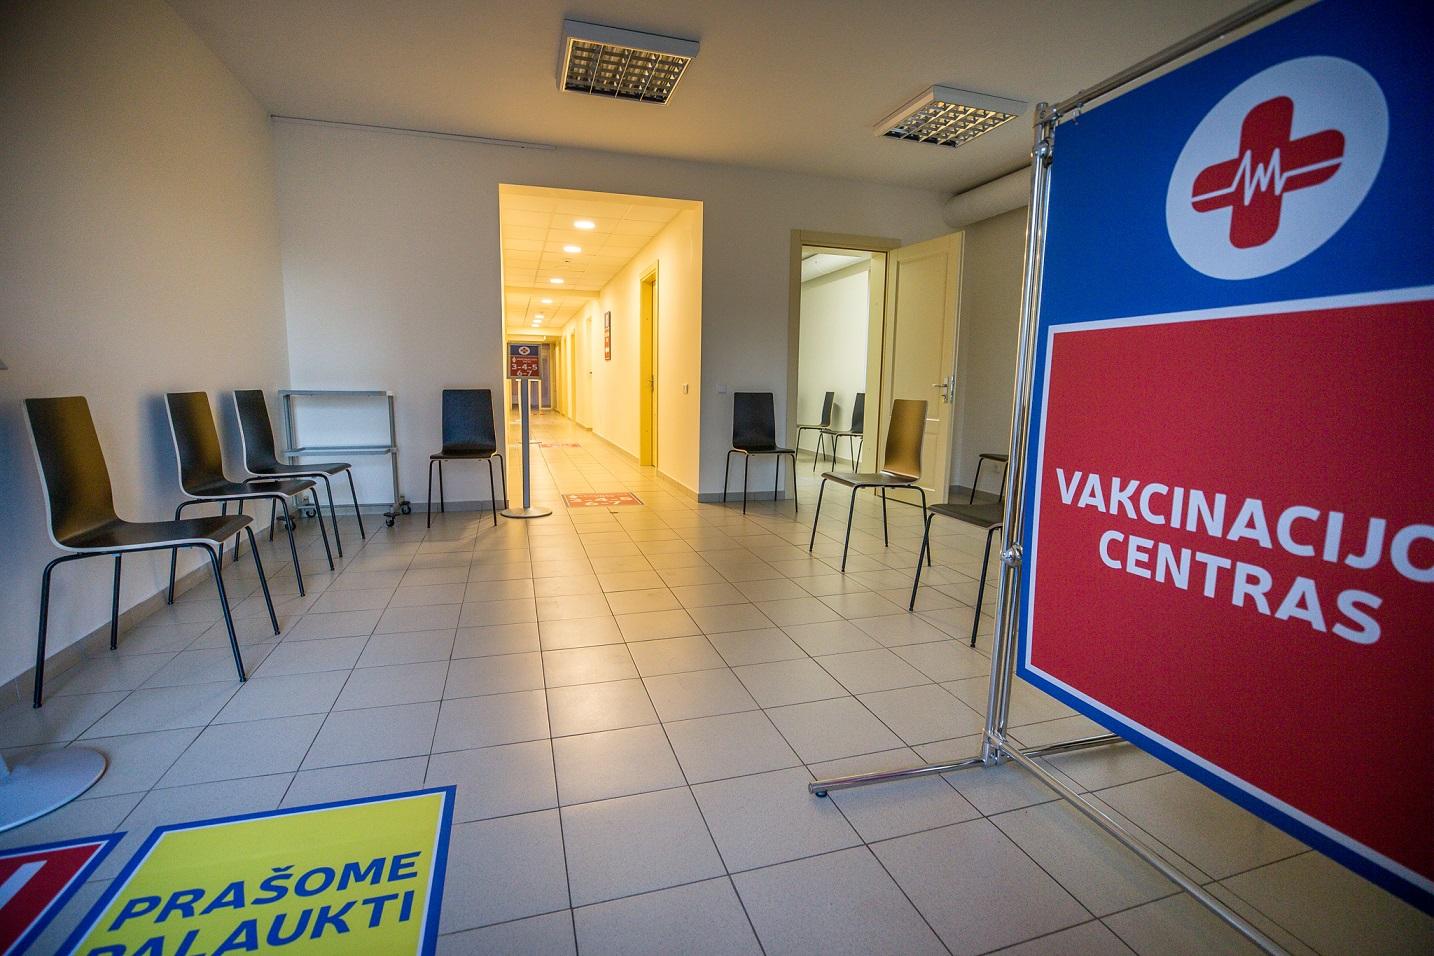 Vakcinacijos centras 3